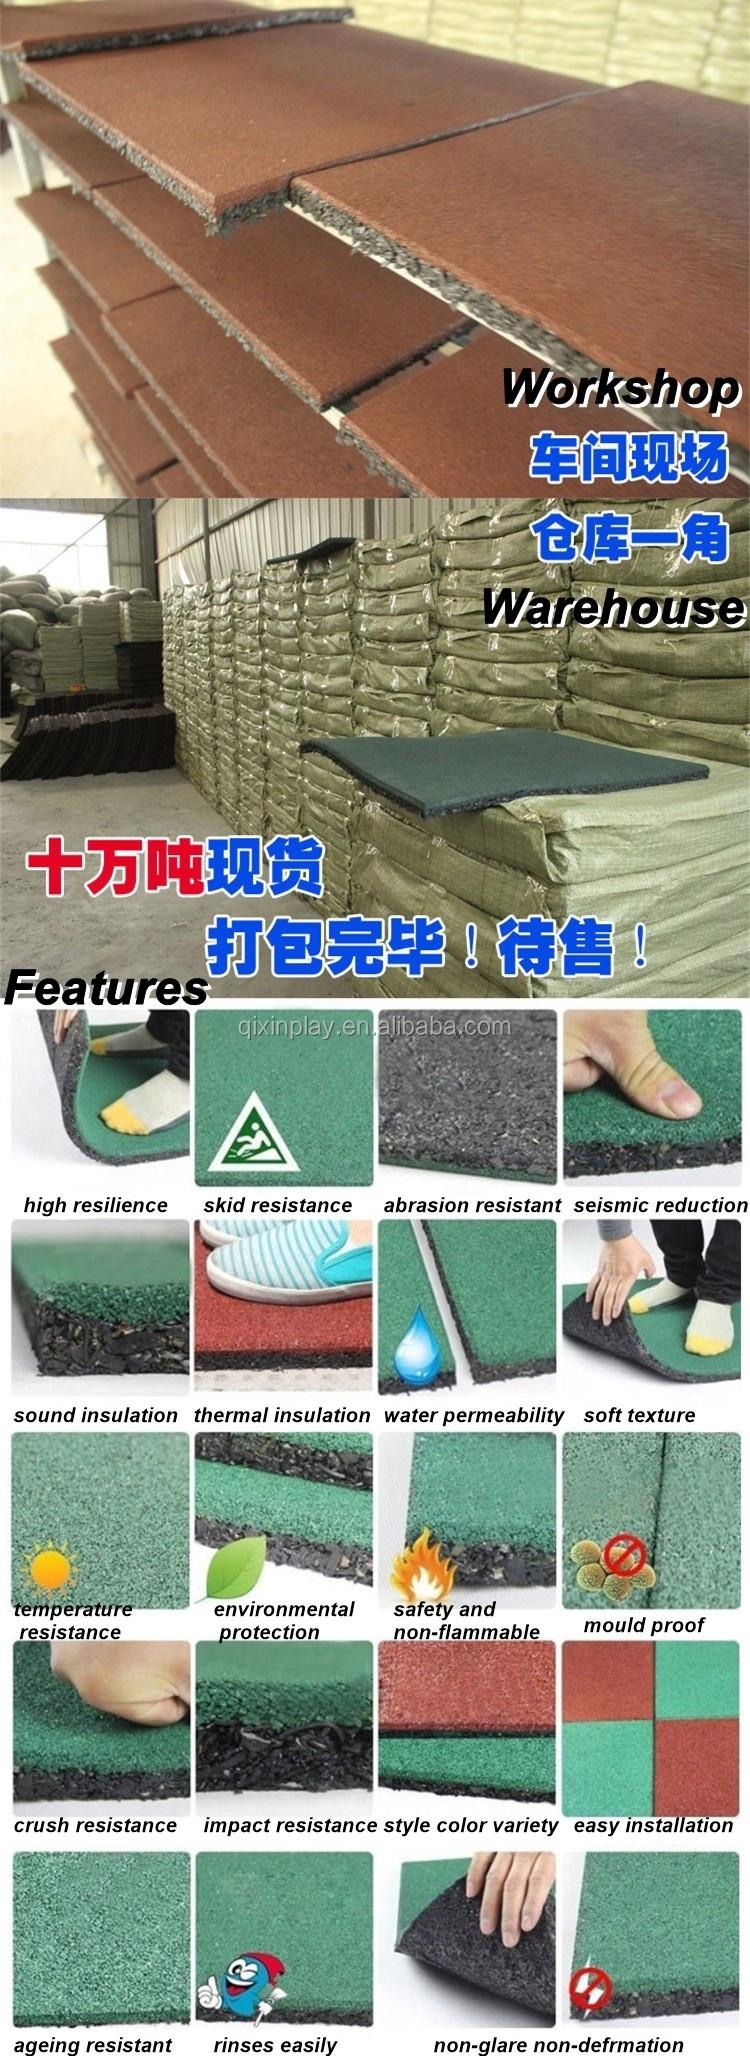 Rubber floor mats workshop - Gym Rubber Floor Mat Industrial Rubber Floor Mat Kindergarten Floor Mats